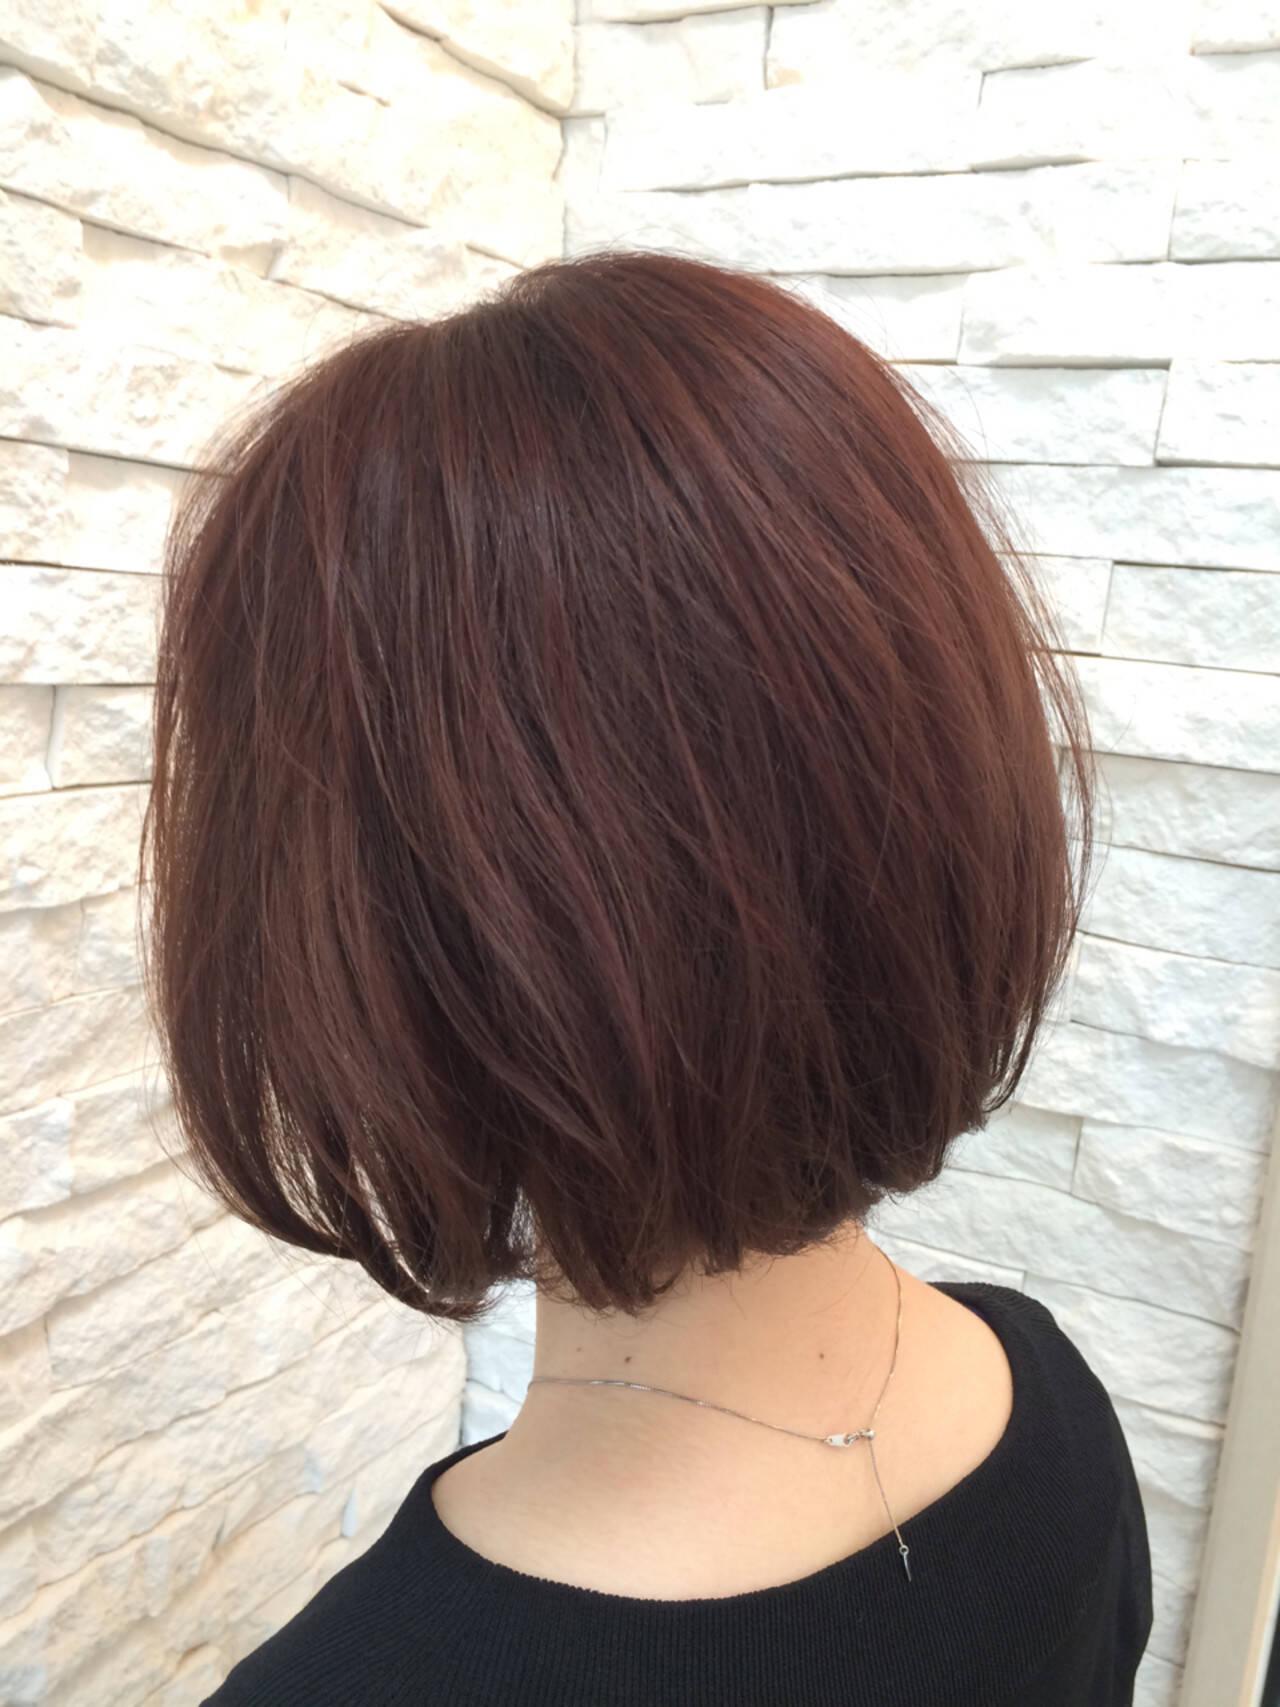 くせ毛風 ボブ ラズベリー ガーリーヘアスタイルや髪型の写真・画像